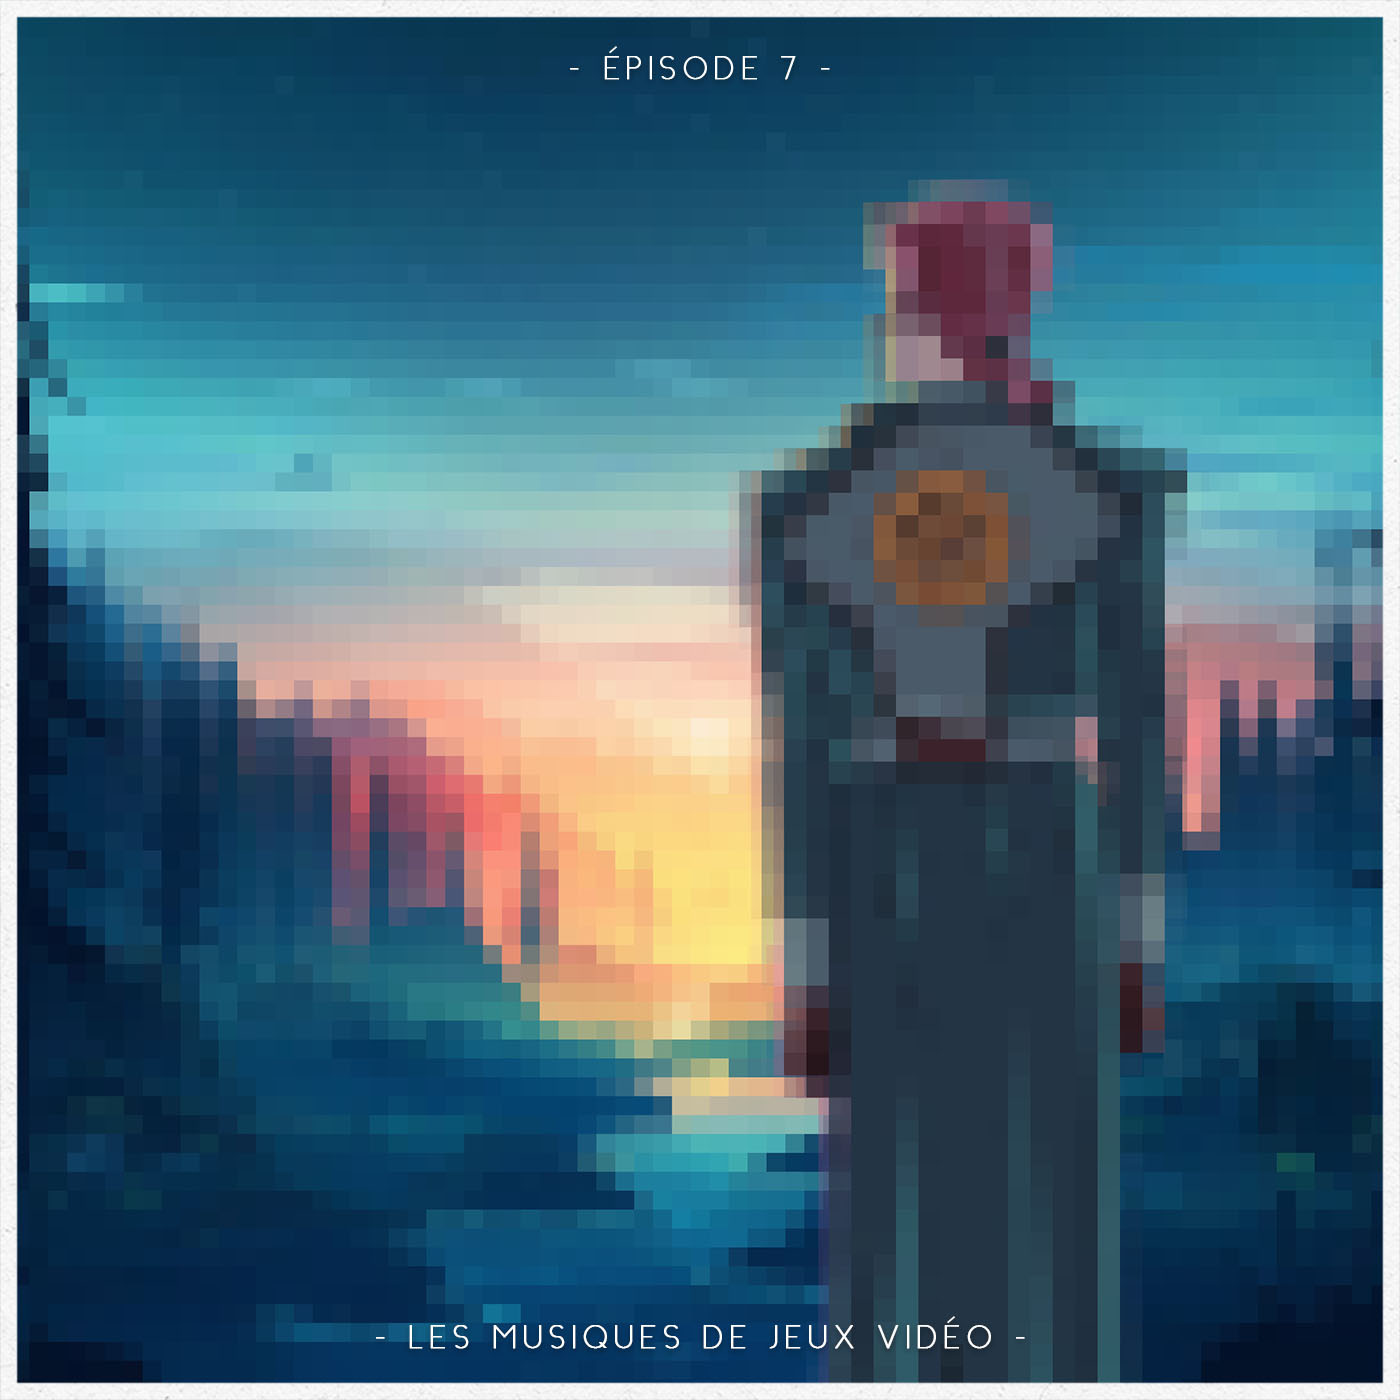 Episode 7 - Les Musiques de jeux vidéo